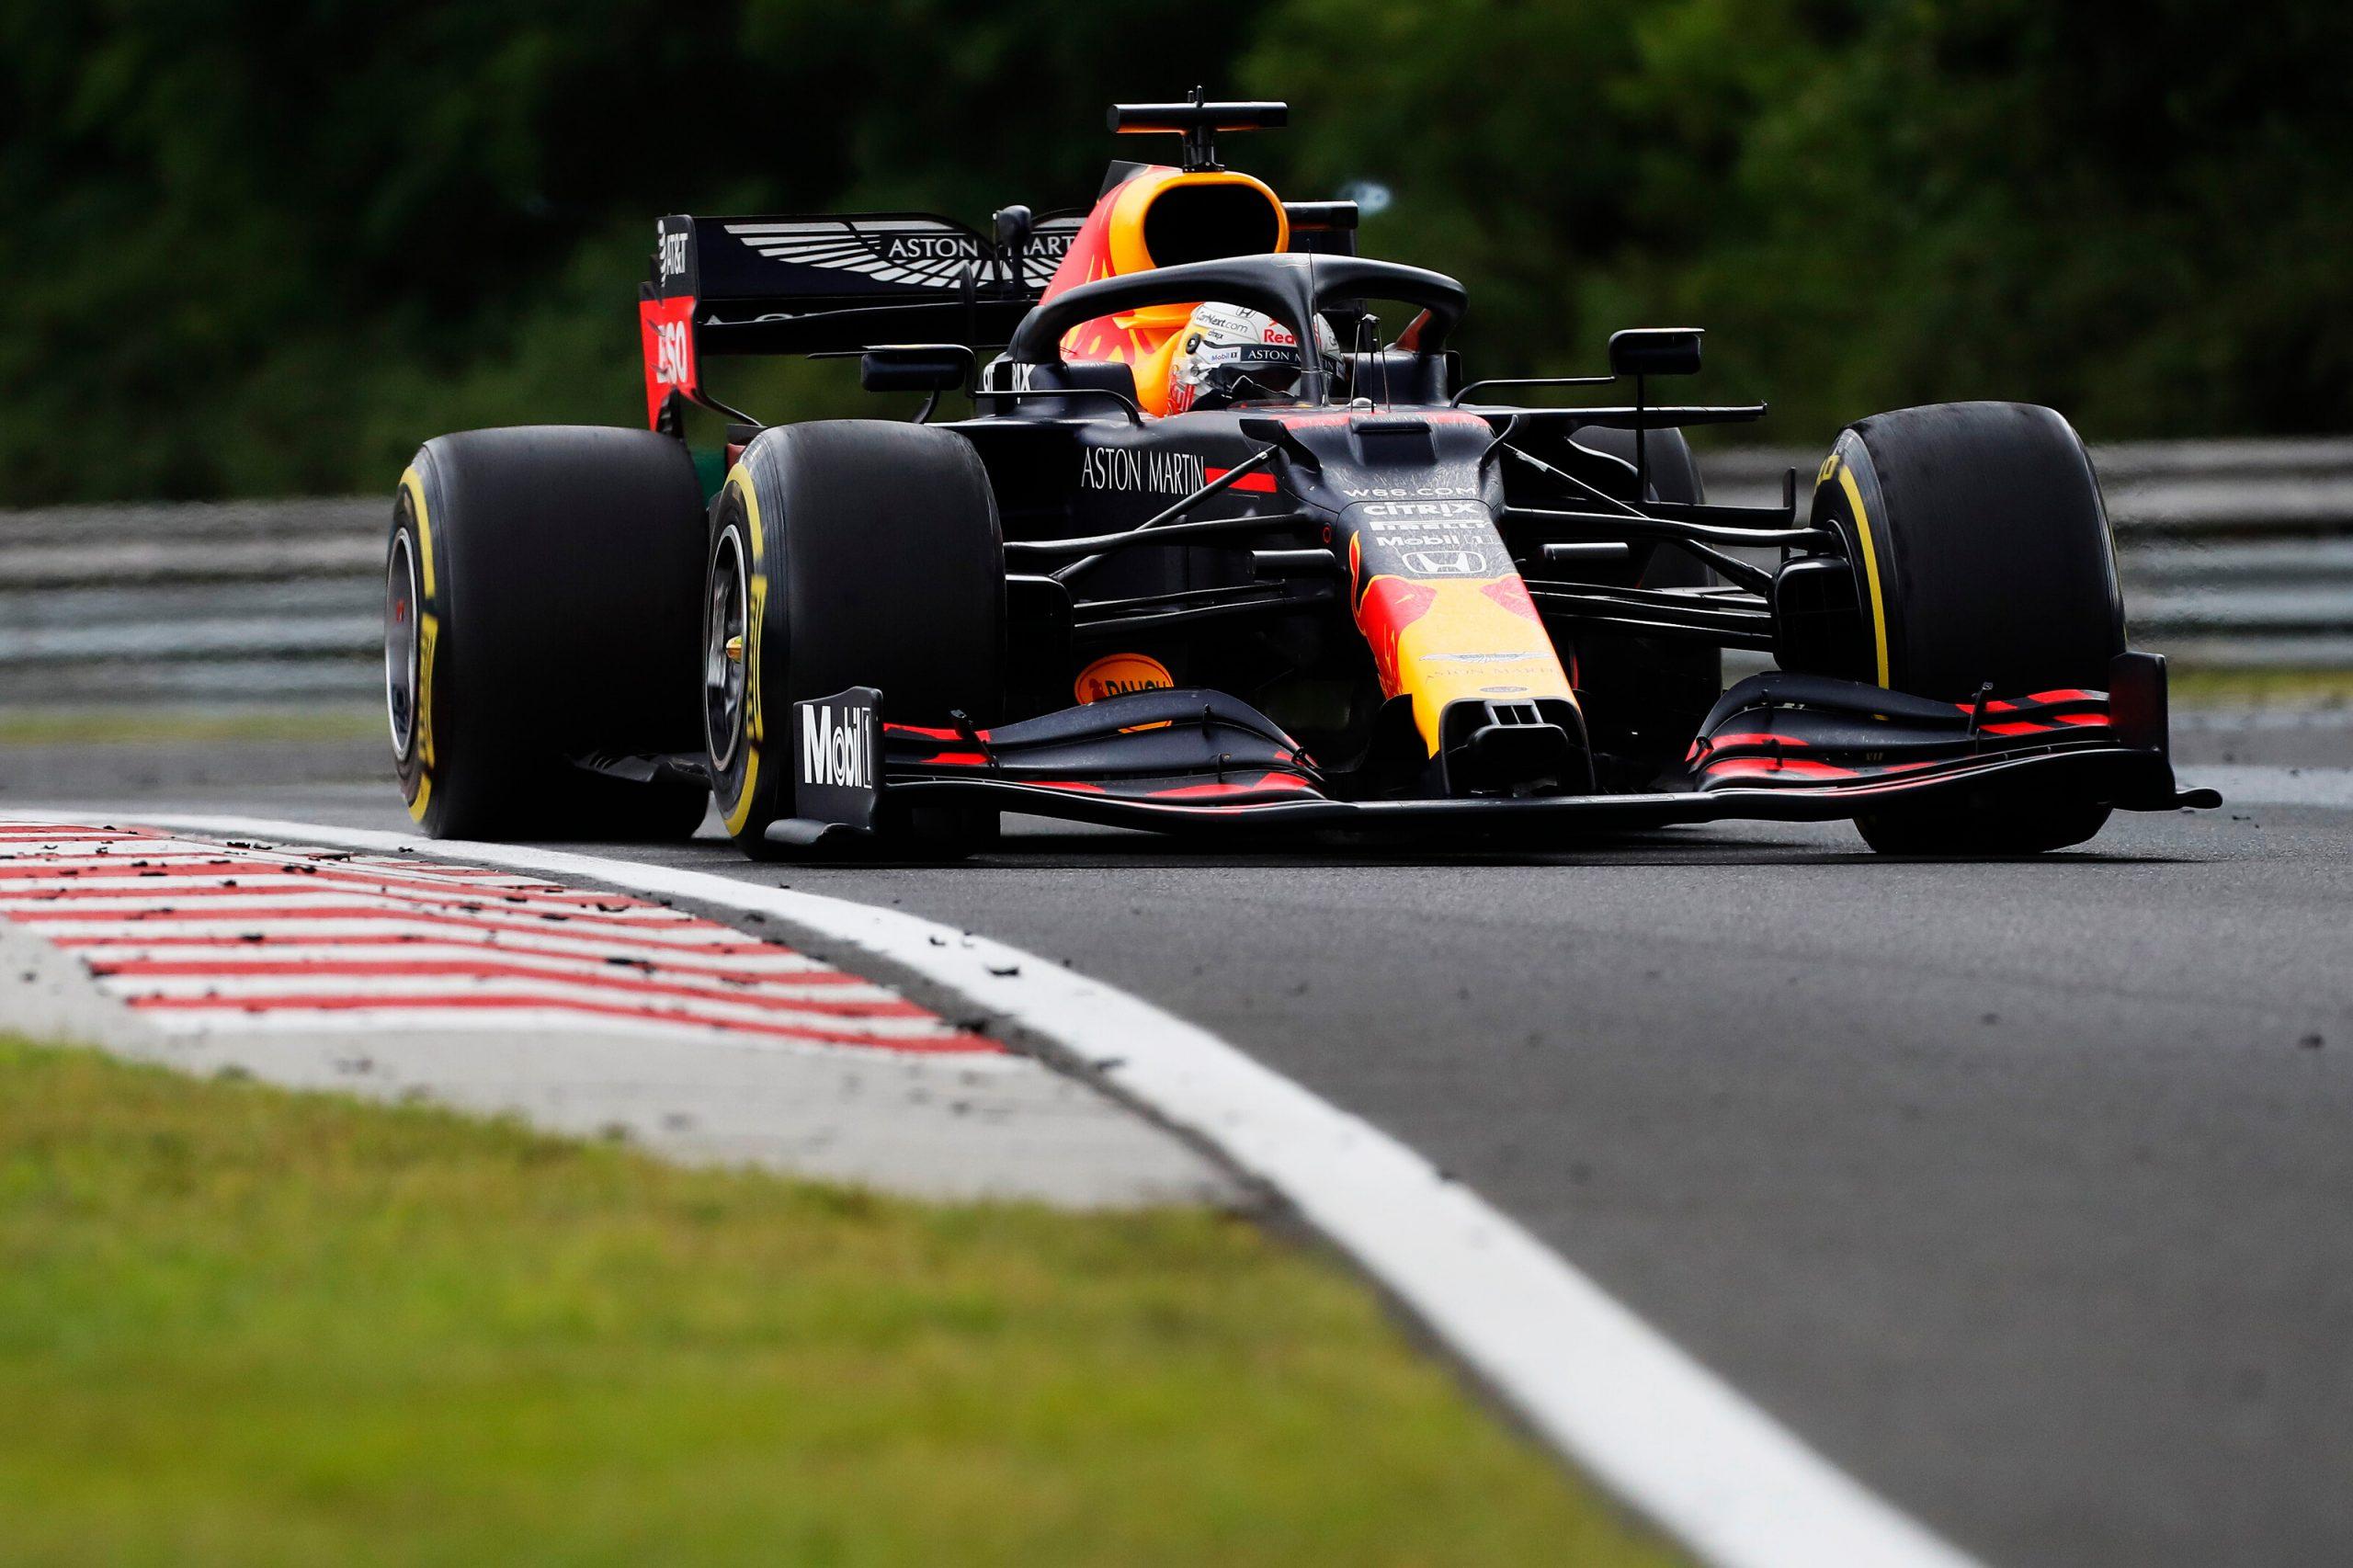 """F1 - Christian Horner : """"La RB16 a l'étoffe d'une très bonne voiture"""""""